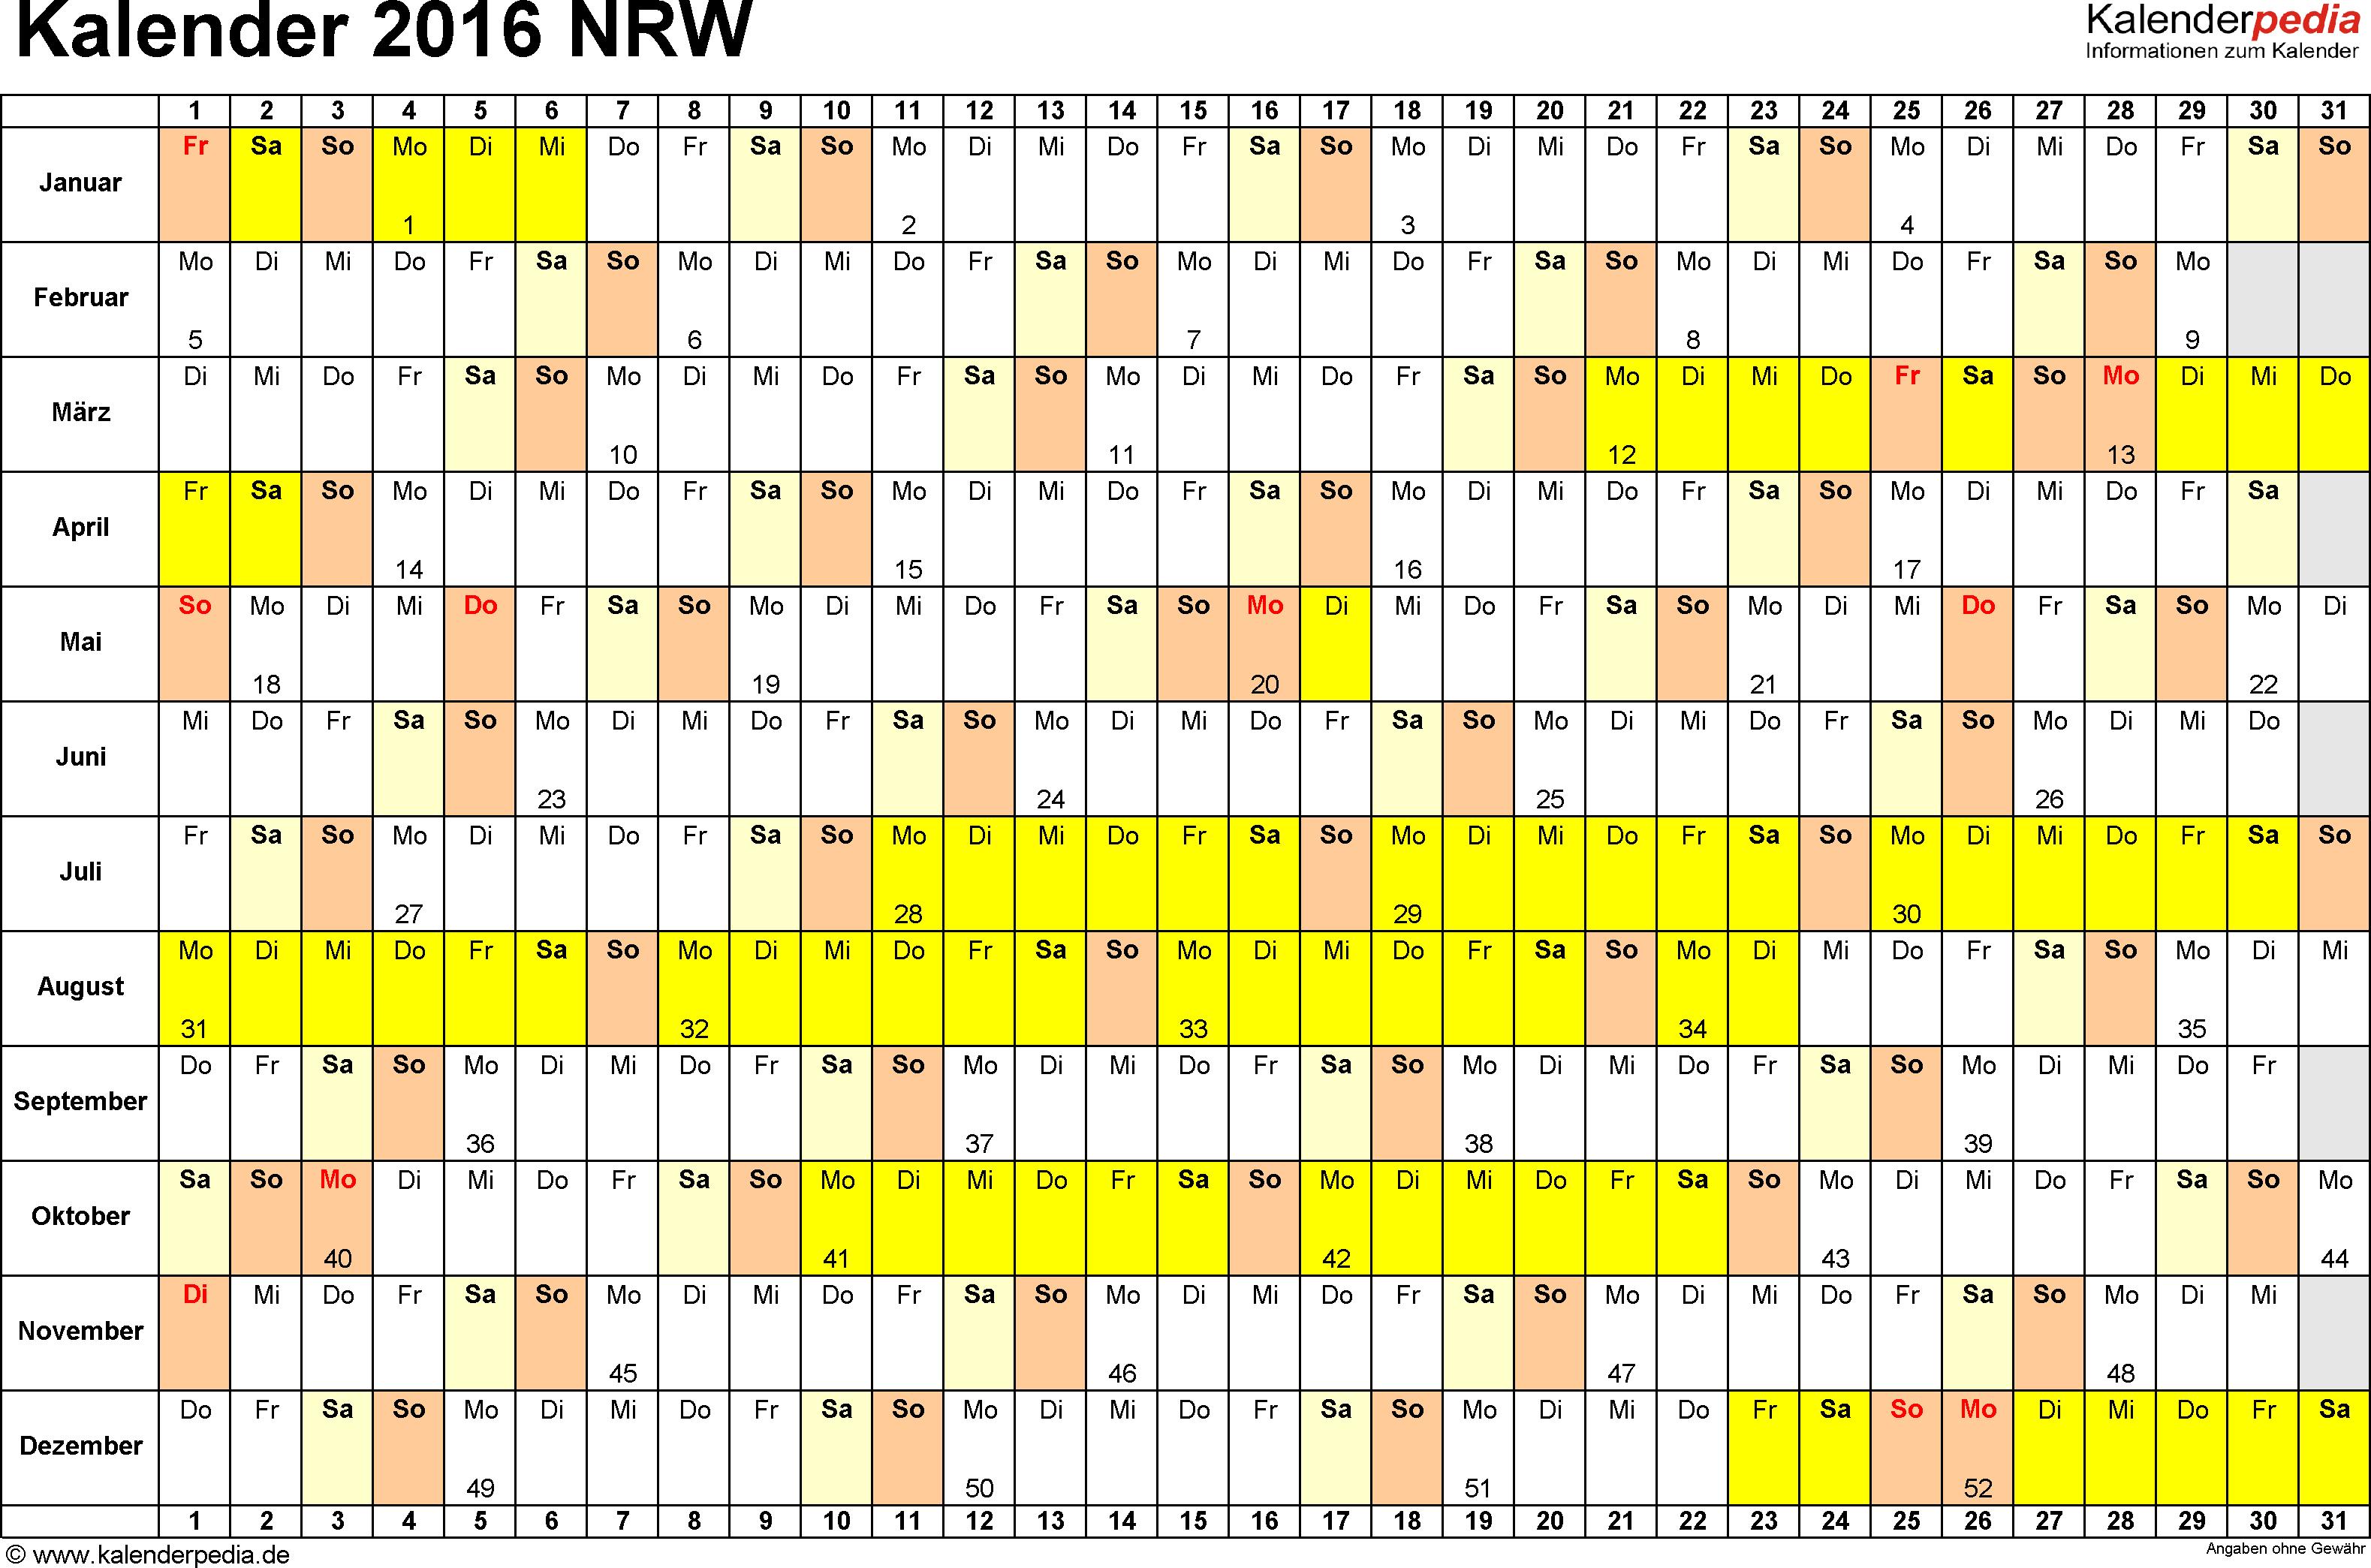 Vorlage 3: Kalender Nordrhein-Westfalen (NRW) 2016 im Querformat, Tage nebeneinander